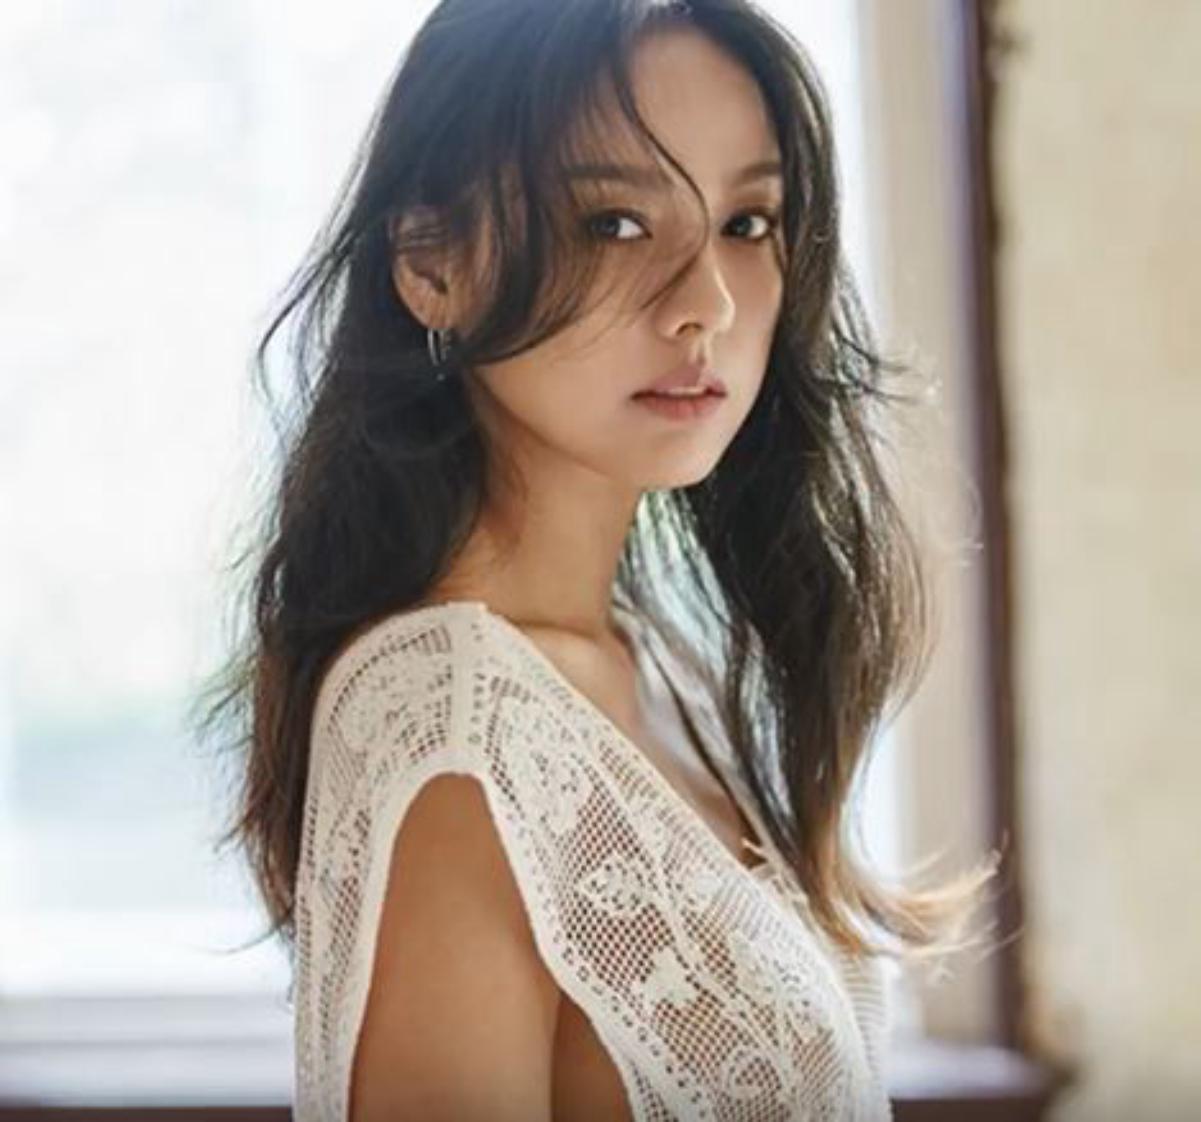 Lee Hyori Wiki & Bio